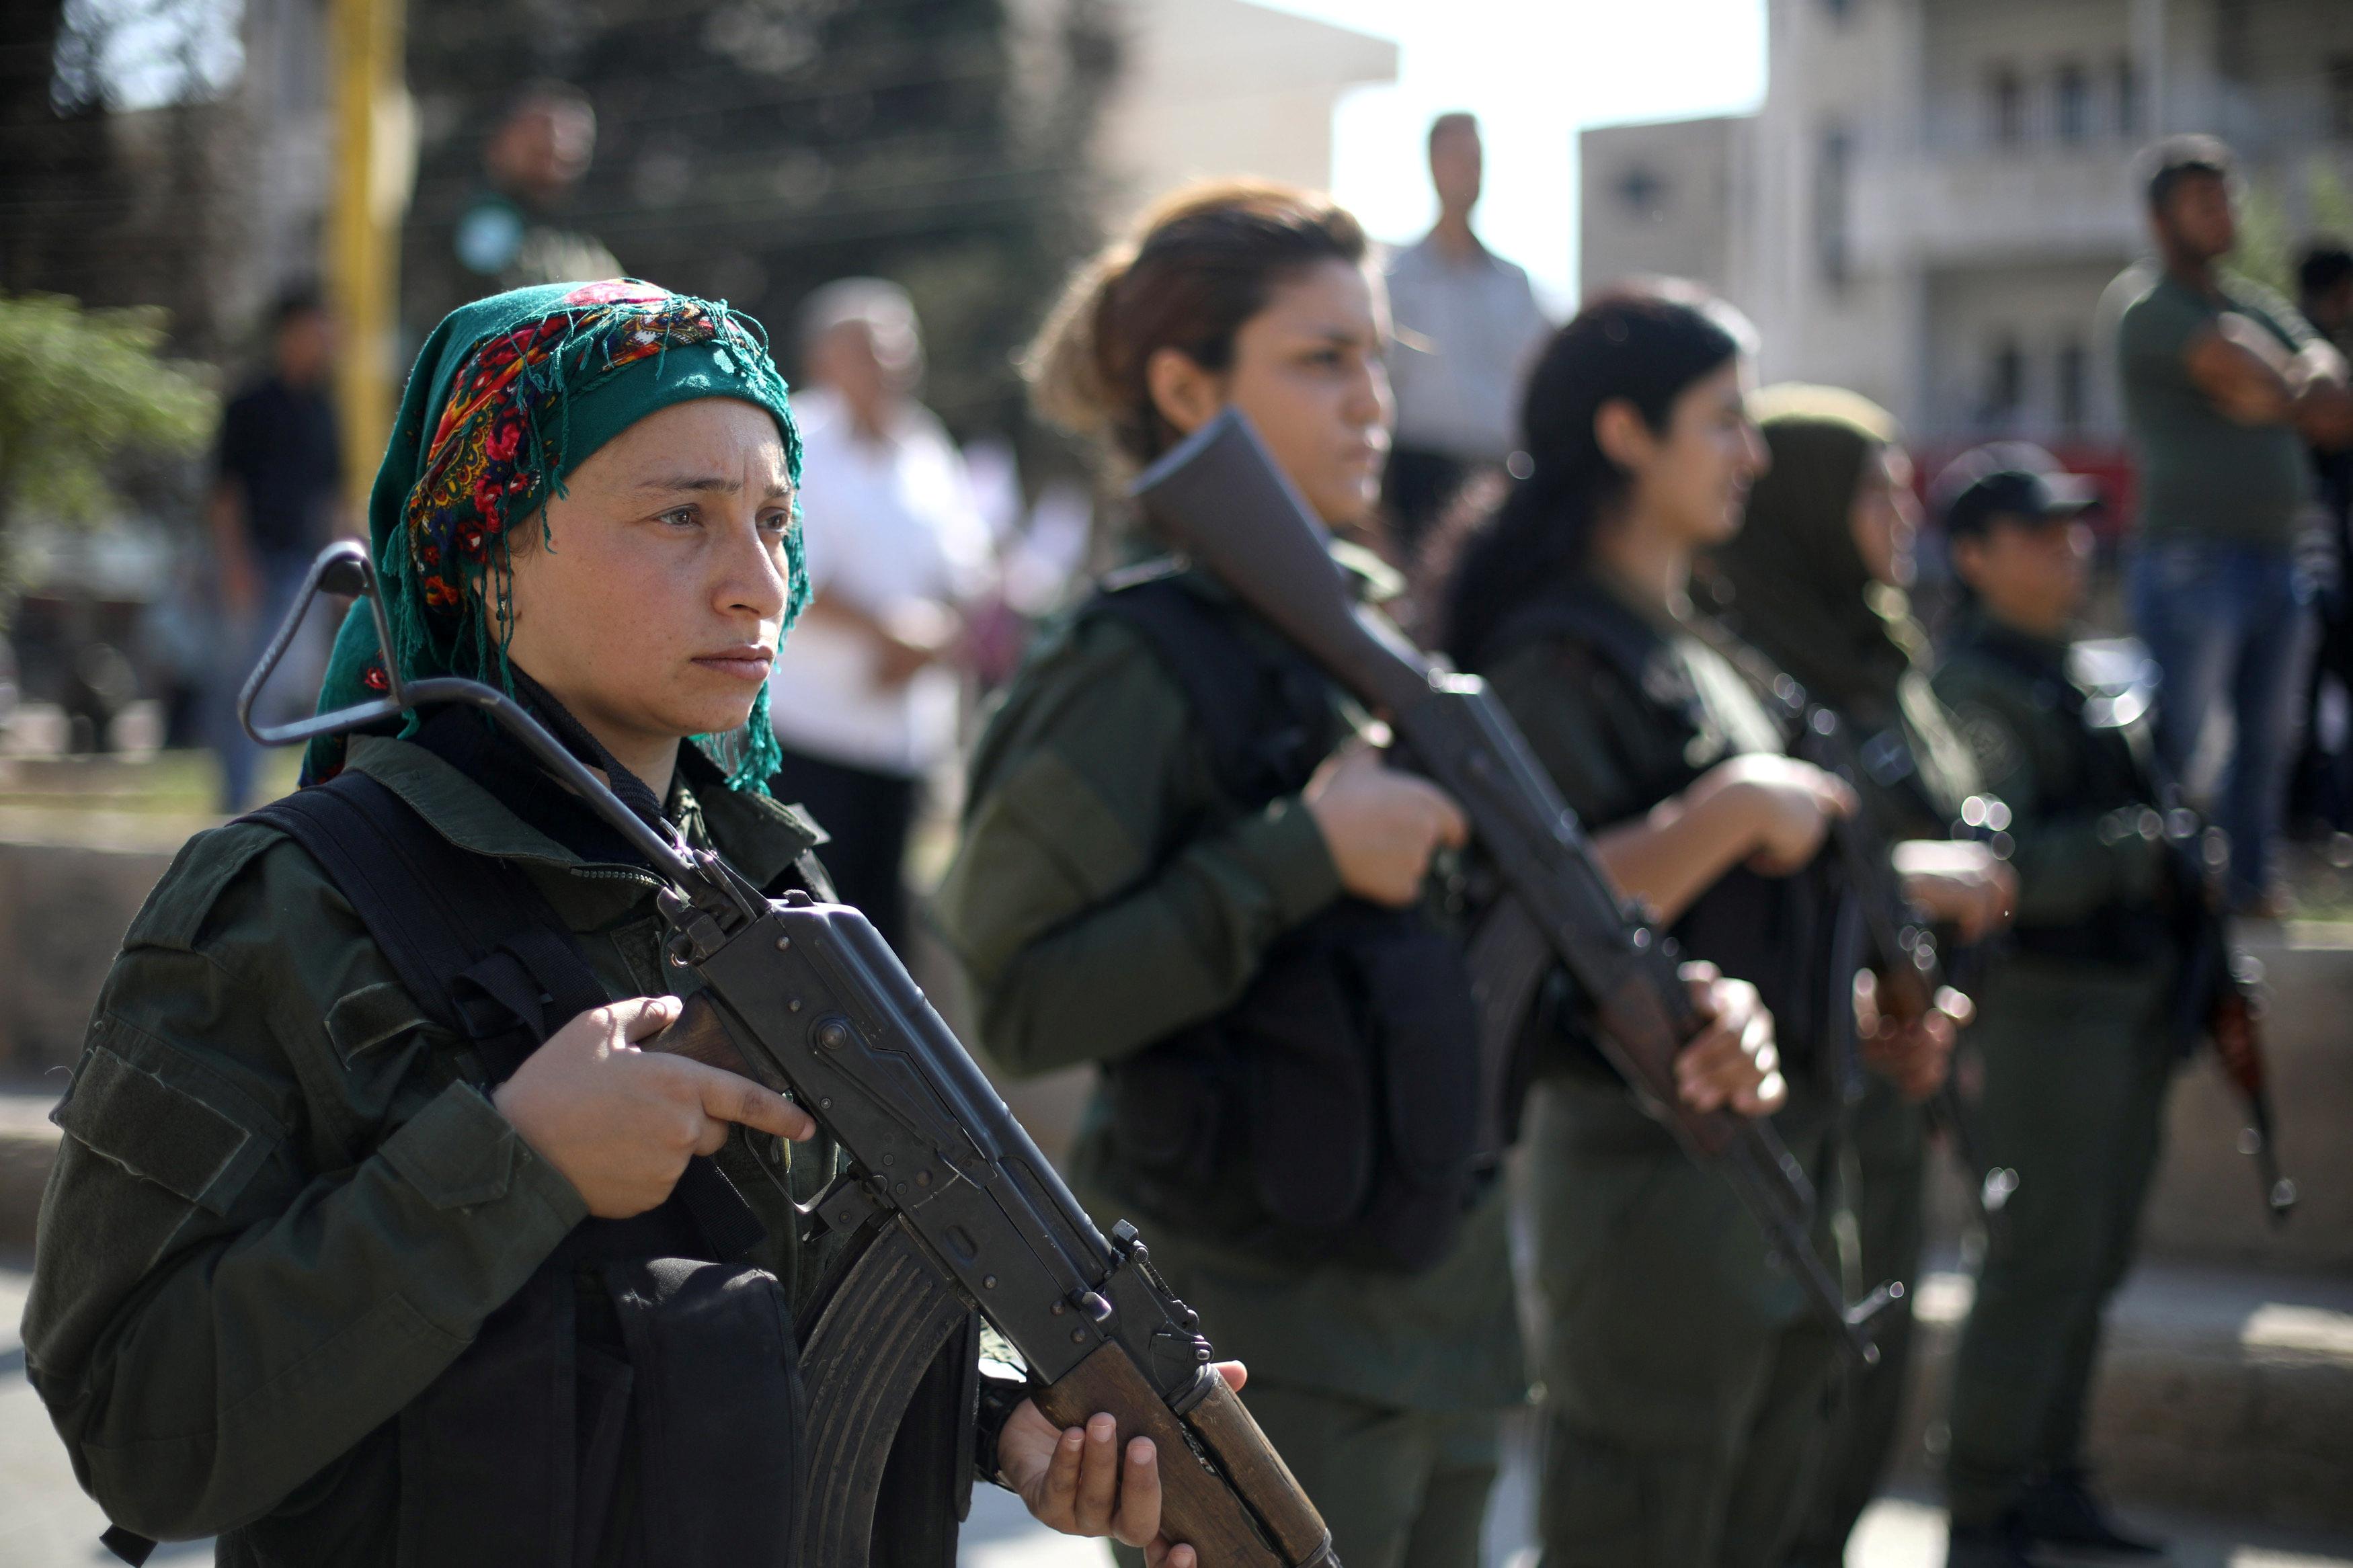 """Υπέρ του γερμανικού σχεδίου για """"ζώνη ασφαλείας"""" στη βόρεια Συρία τάσσονται οι Κούρδοι"""